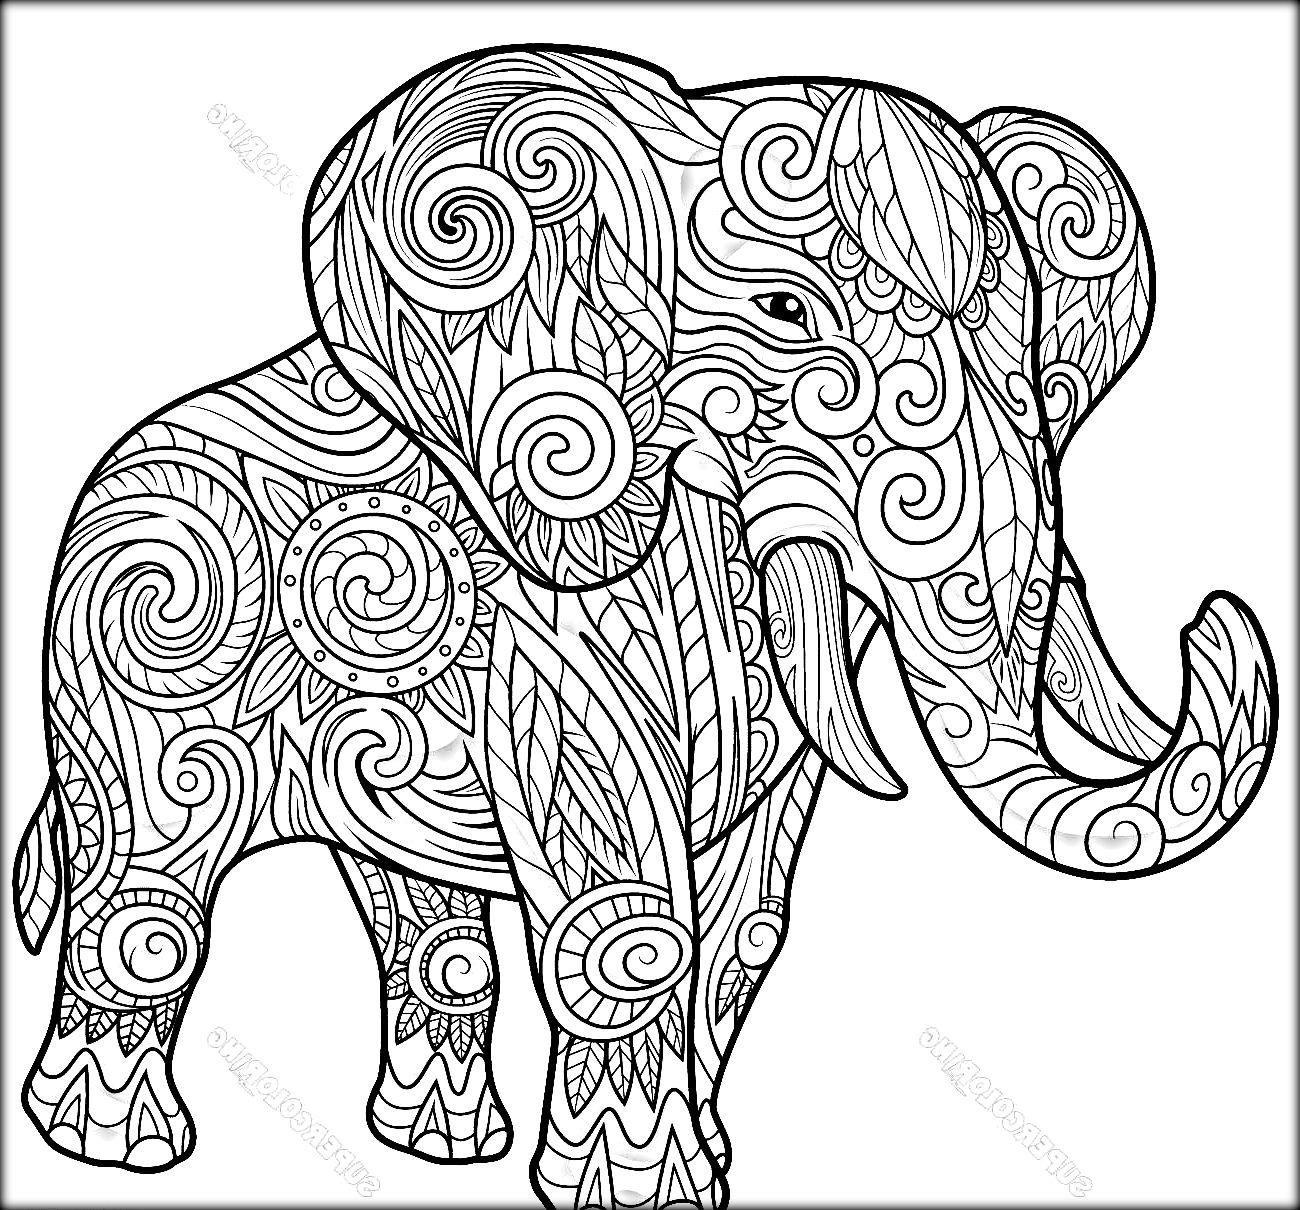 Free Mandala Coloring Pages Animals At Getdrawings